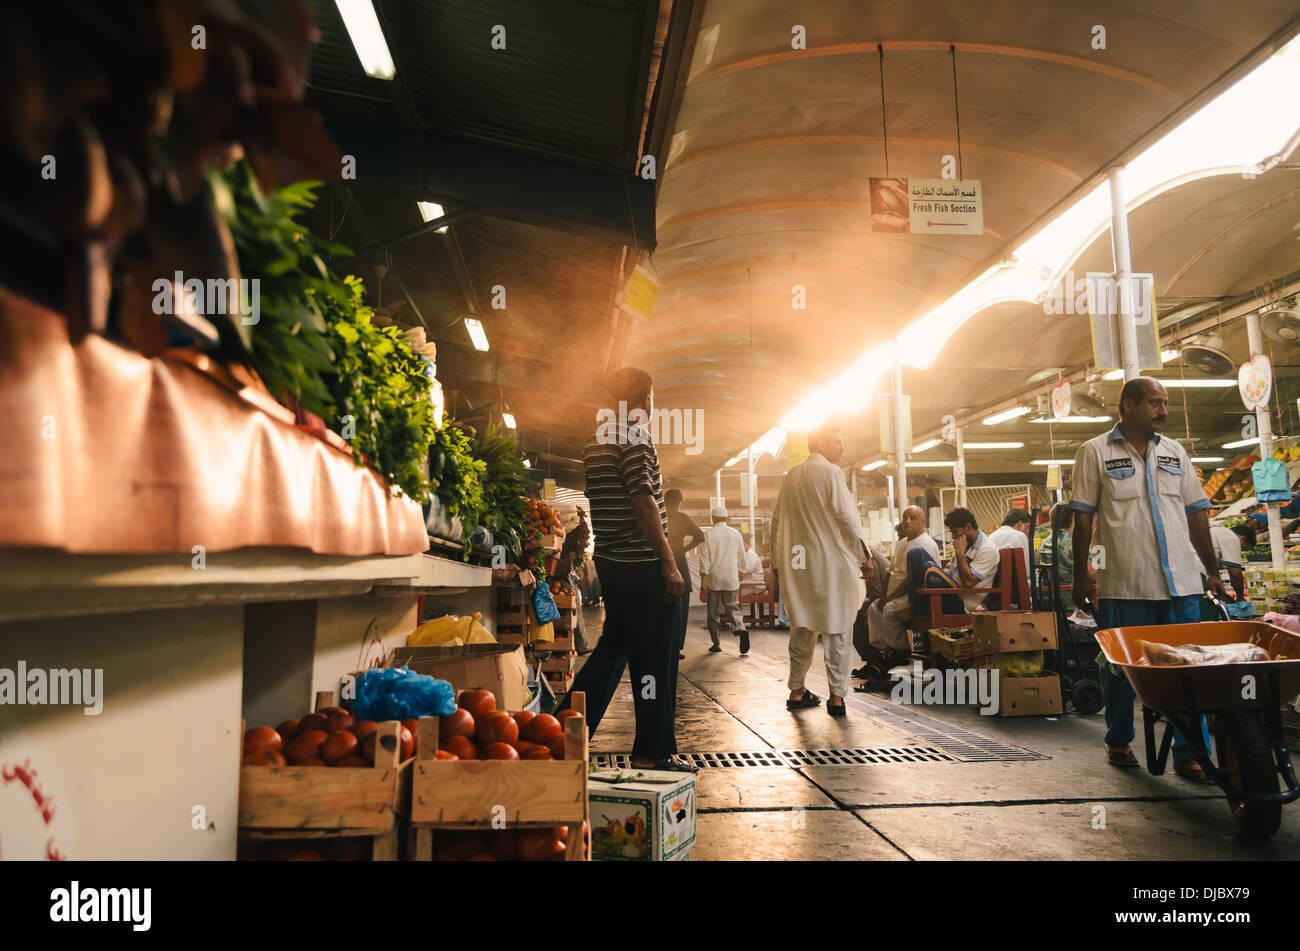 Gli uomini arabi a piedi lungo uno dei corridoi a Deira Mercato della frutta e verdura durante il sunrise. Dubai, EAU. Immagini Stock